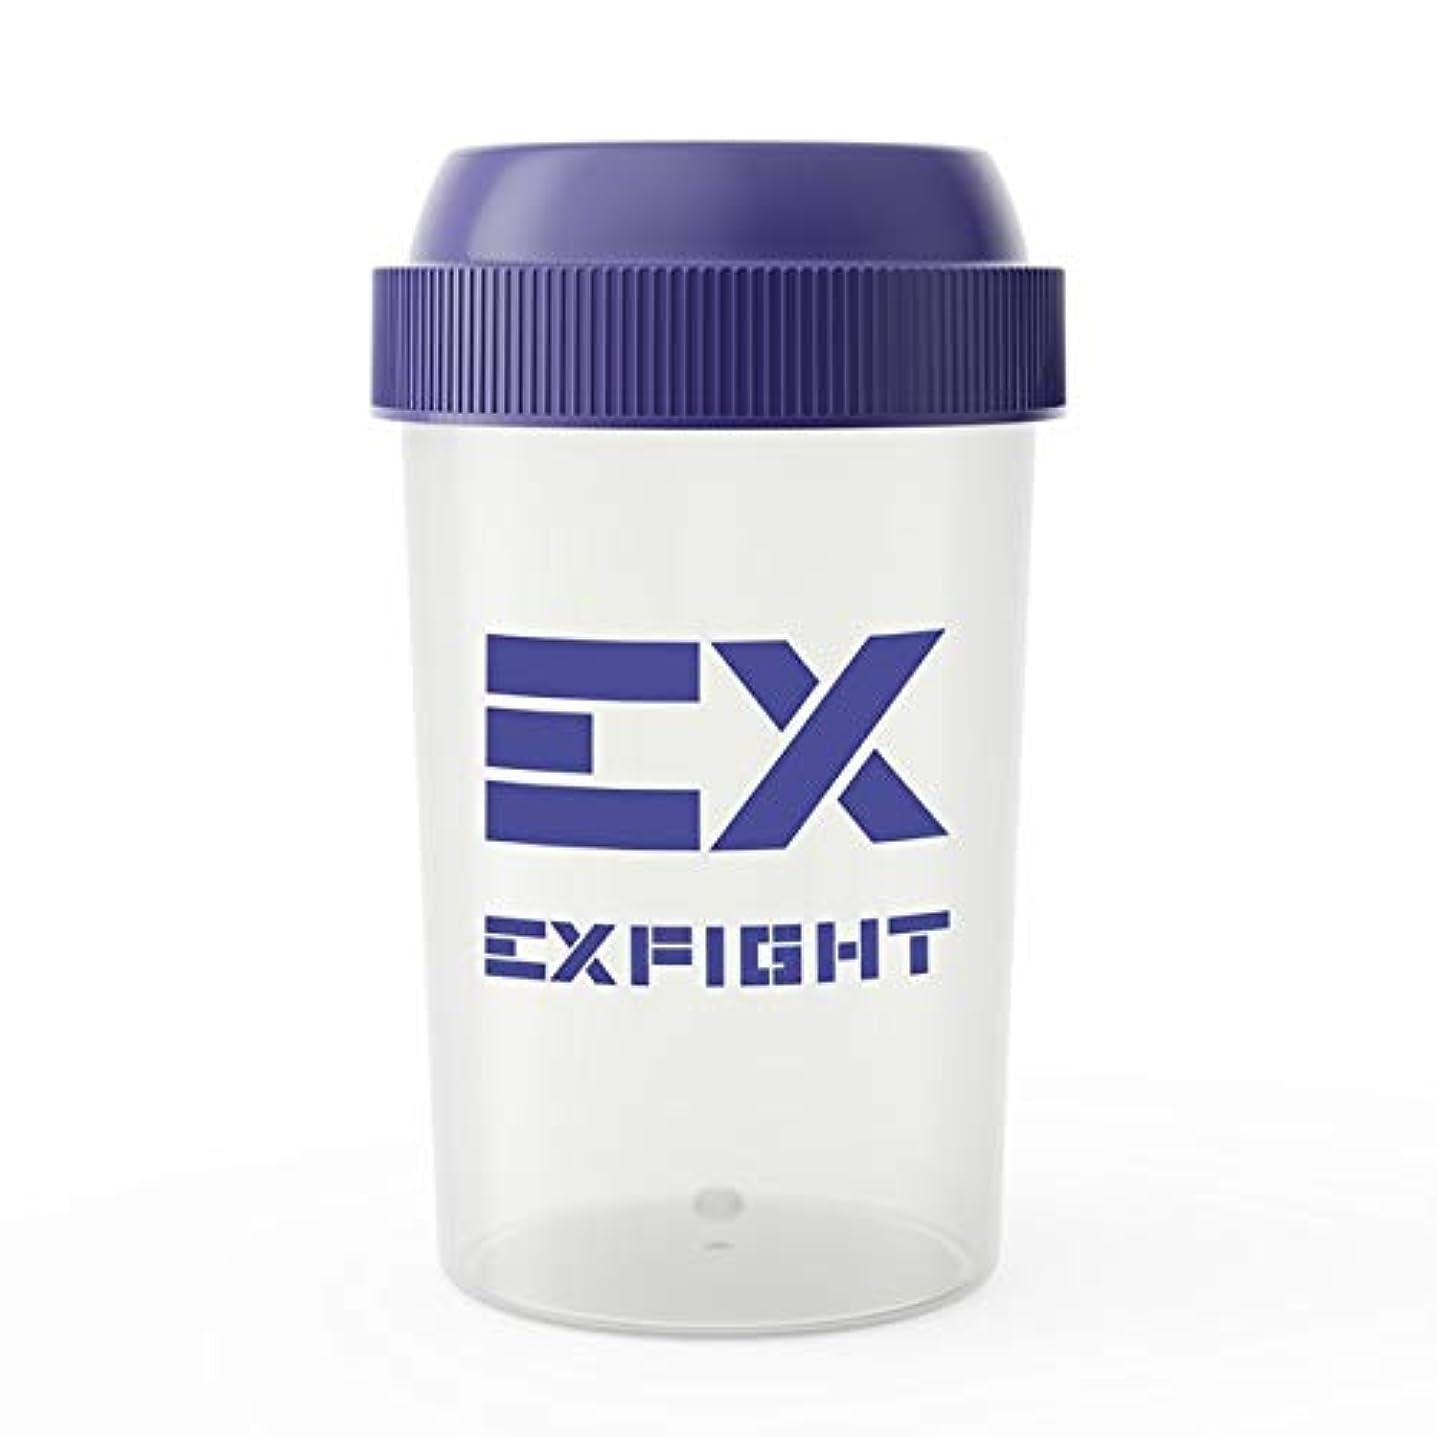 タンザニアキノコ自発EX-SHAKER シェイカーボトル ブルー 300ml(エクスサプリ EXSUPPLI シェーカー EXILE サプリ)